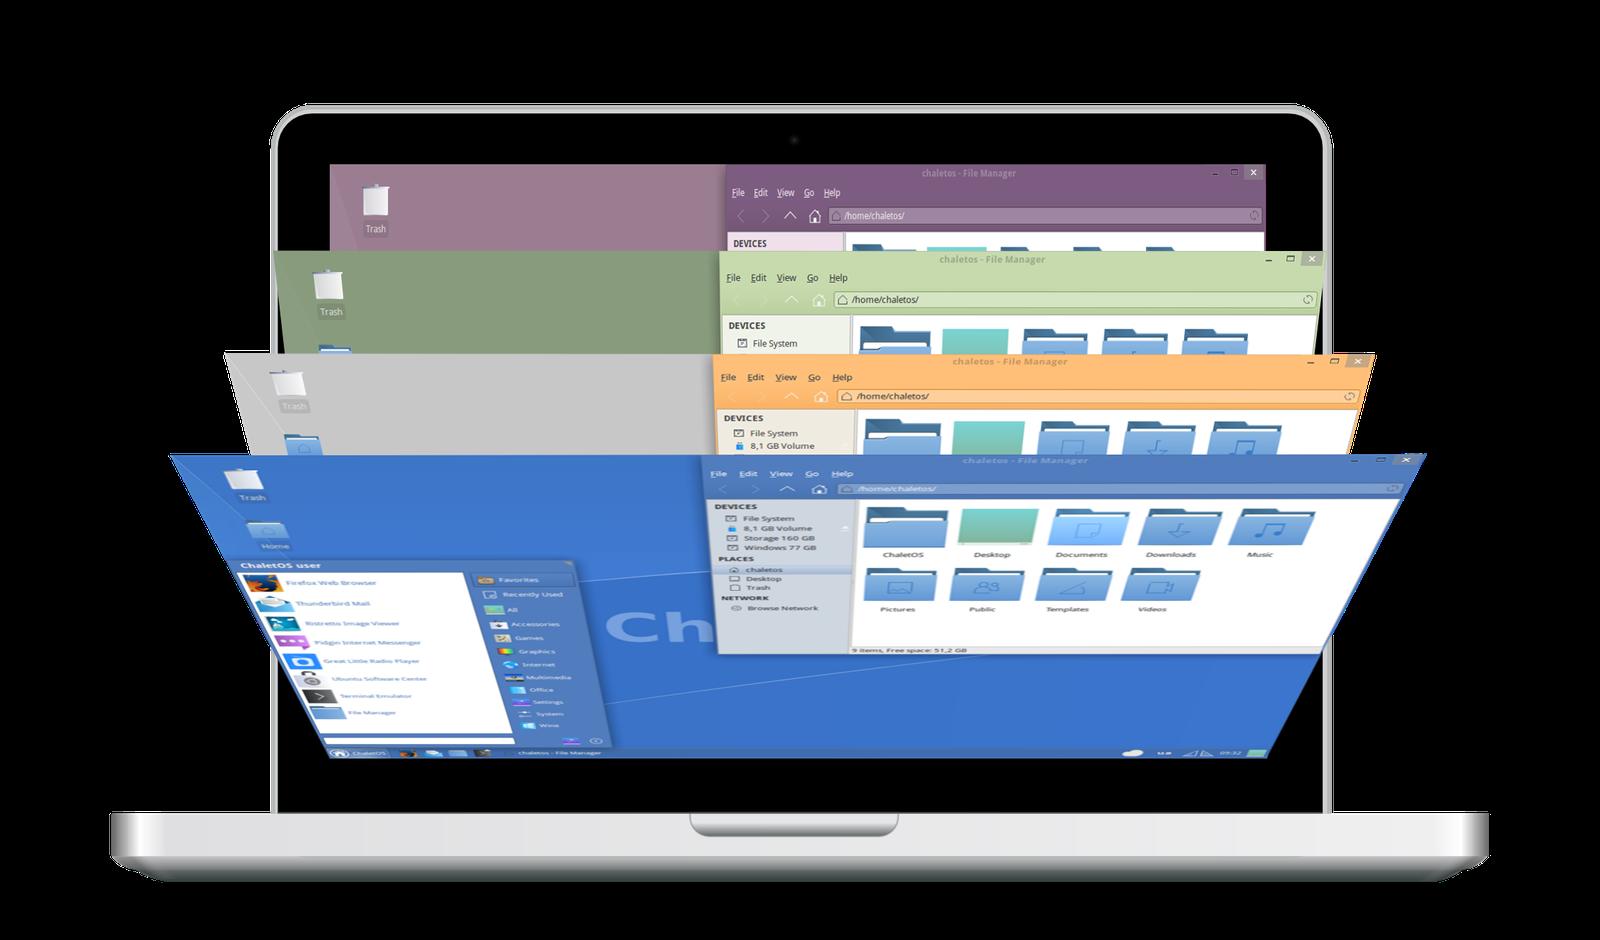 Обзор ChaletOS 16: лучшая операционная система для перехода с Windows на Linux